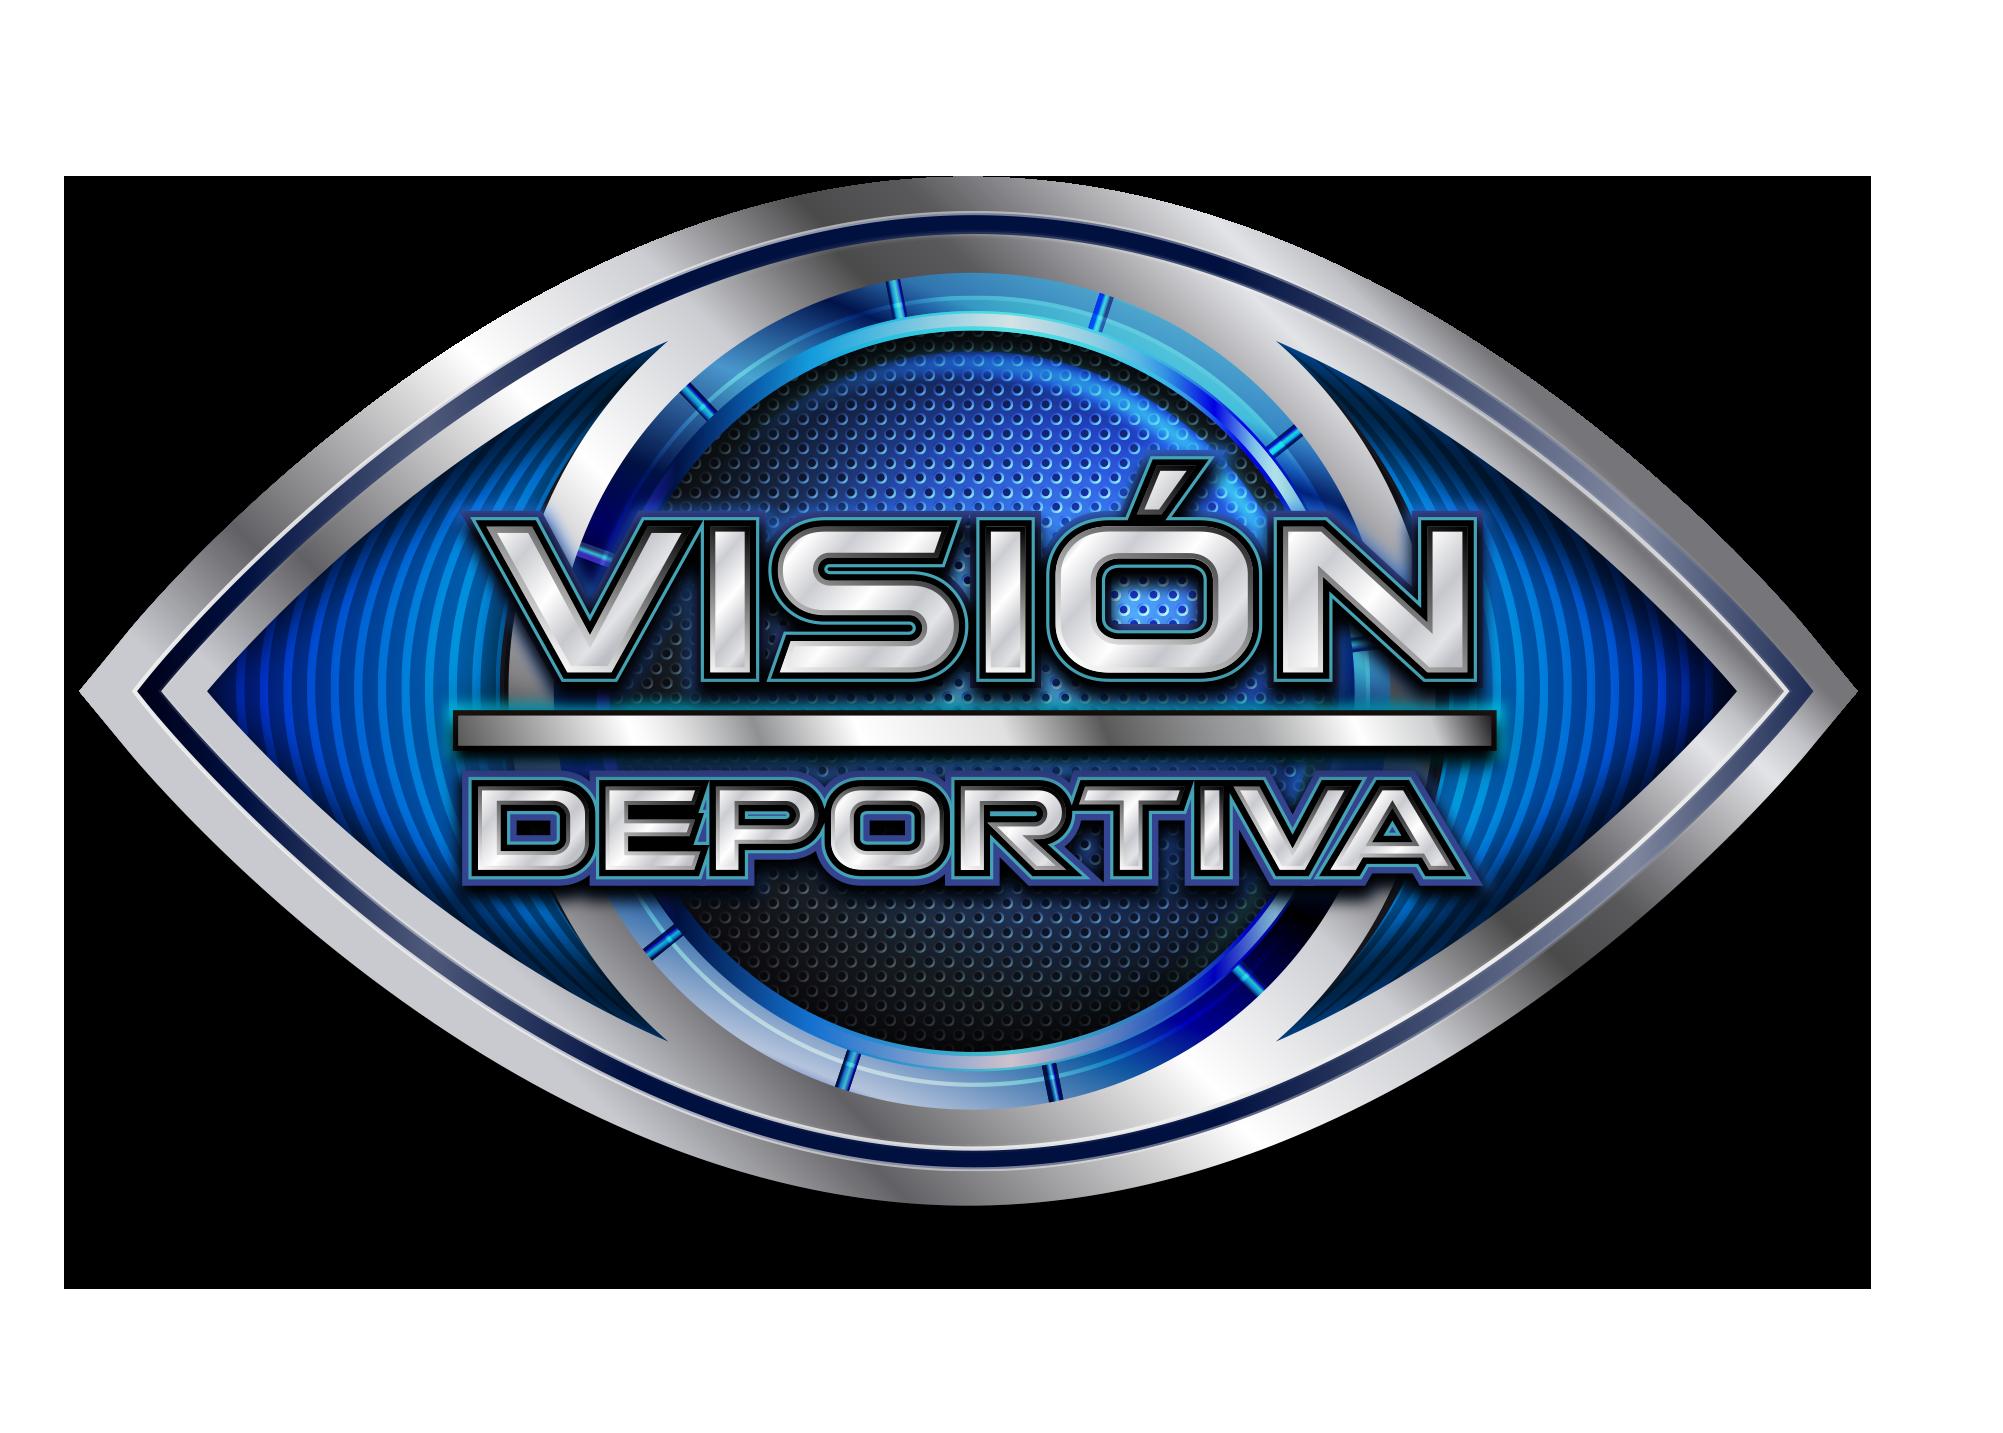 VISION DEPORTIVA - PNG